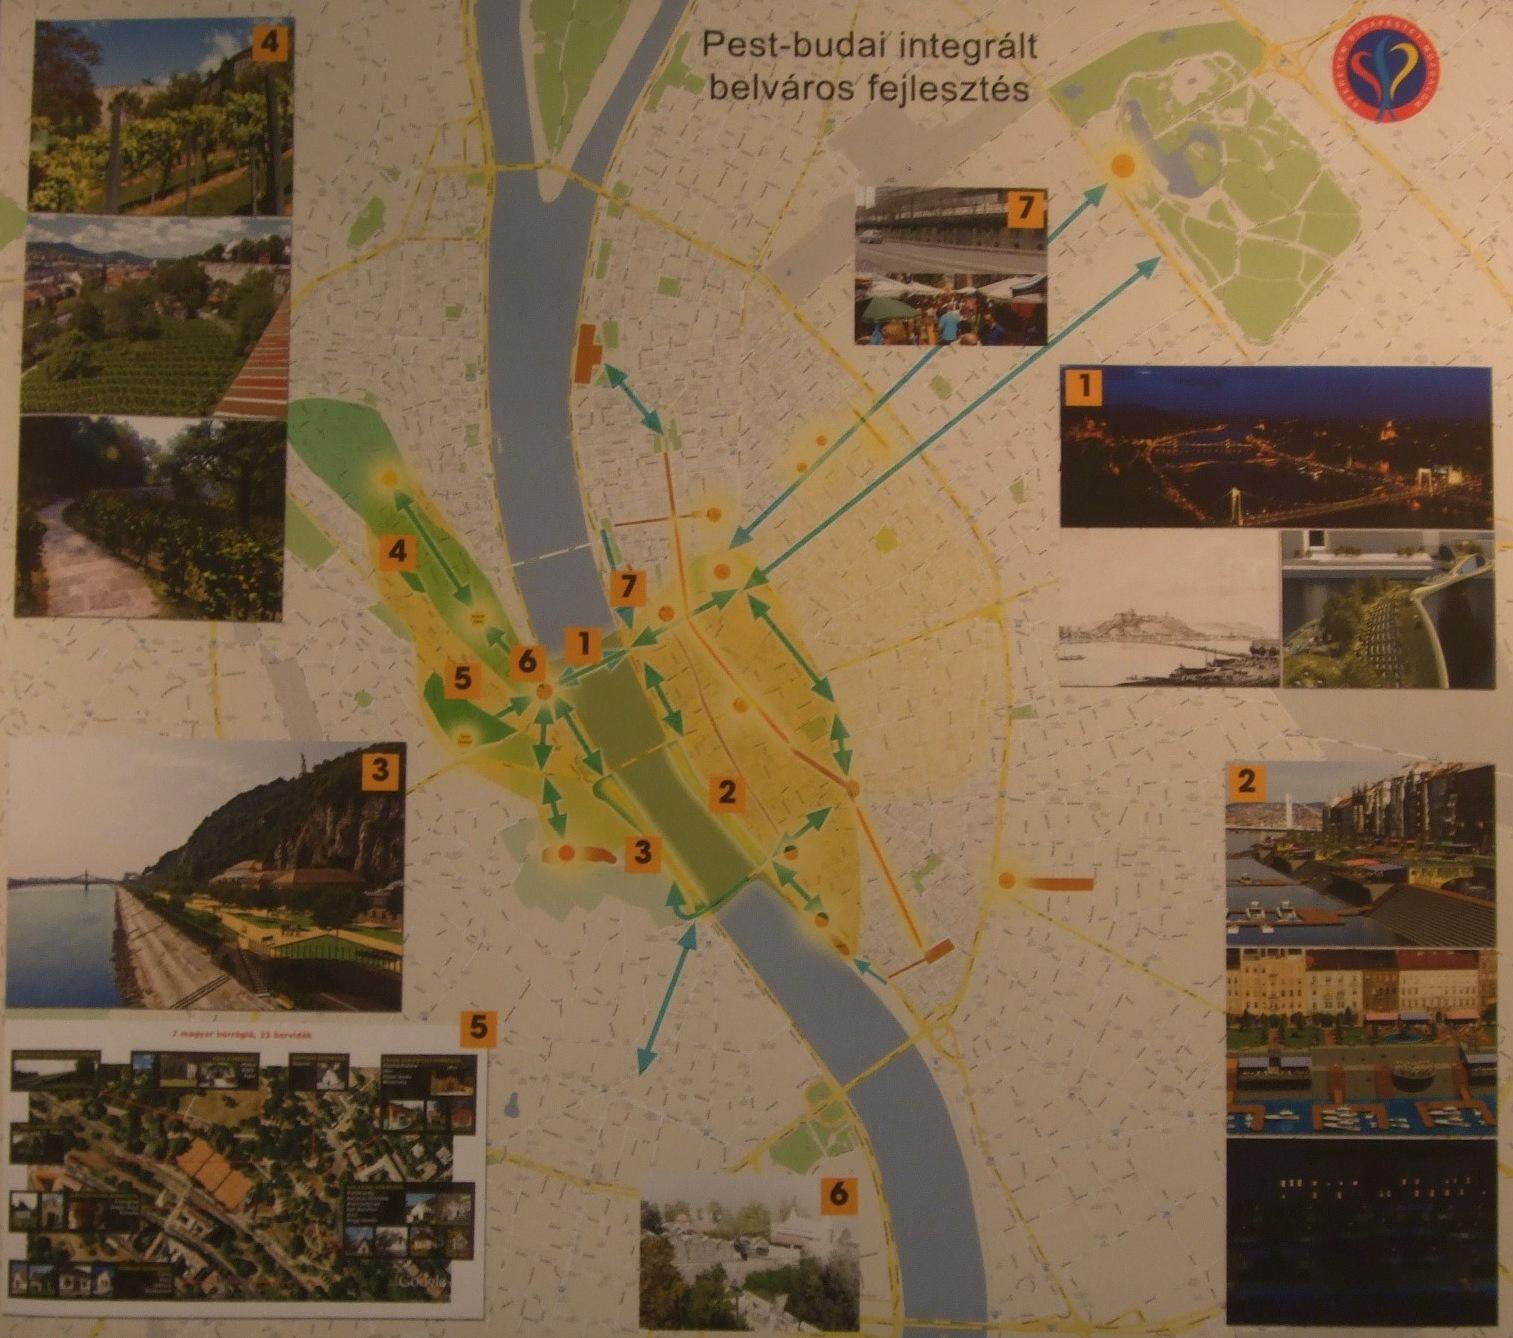 Pest-Buda Integrált Belvárosi Fejlesztési Terv